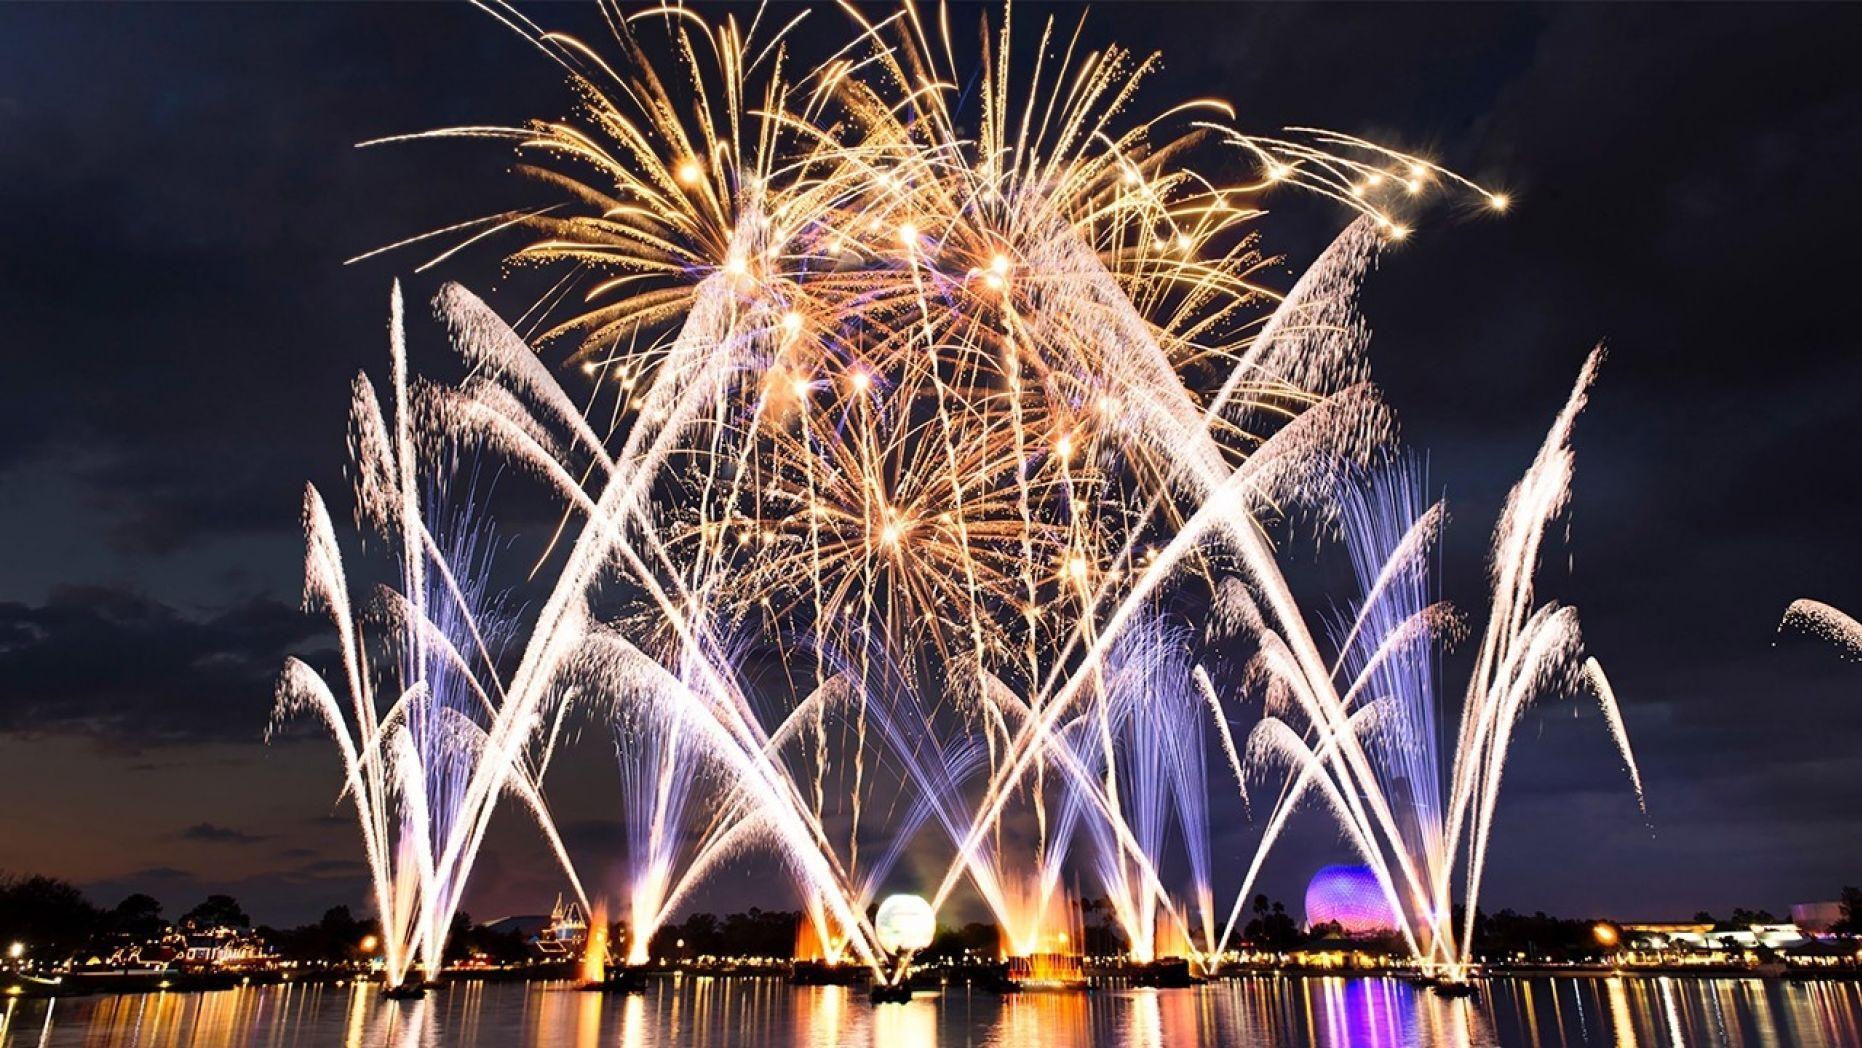 奥兰多迪斯尼乐园将结束19年经典烟花秀